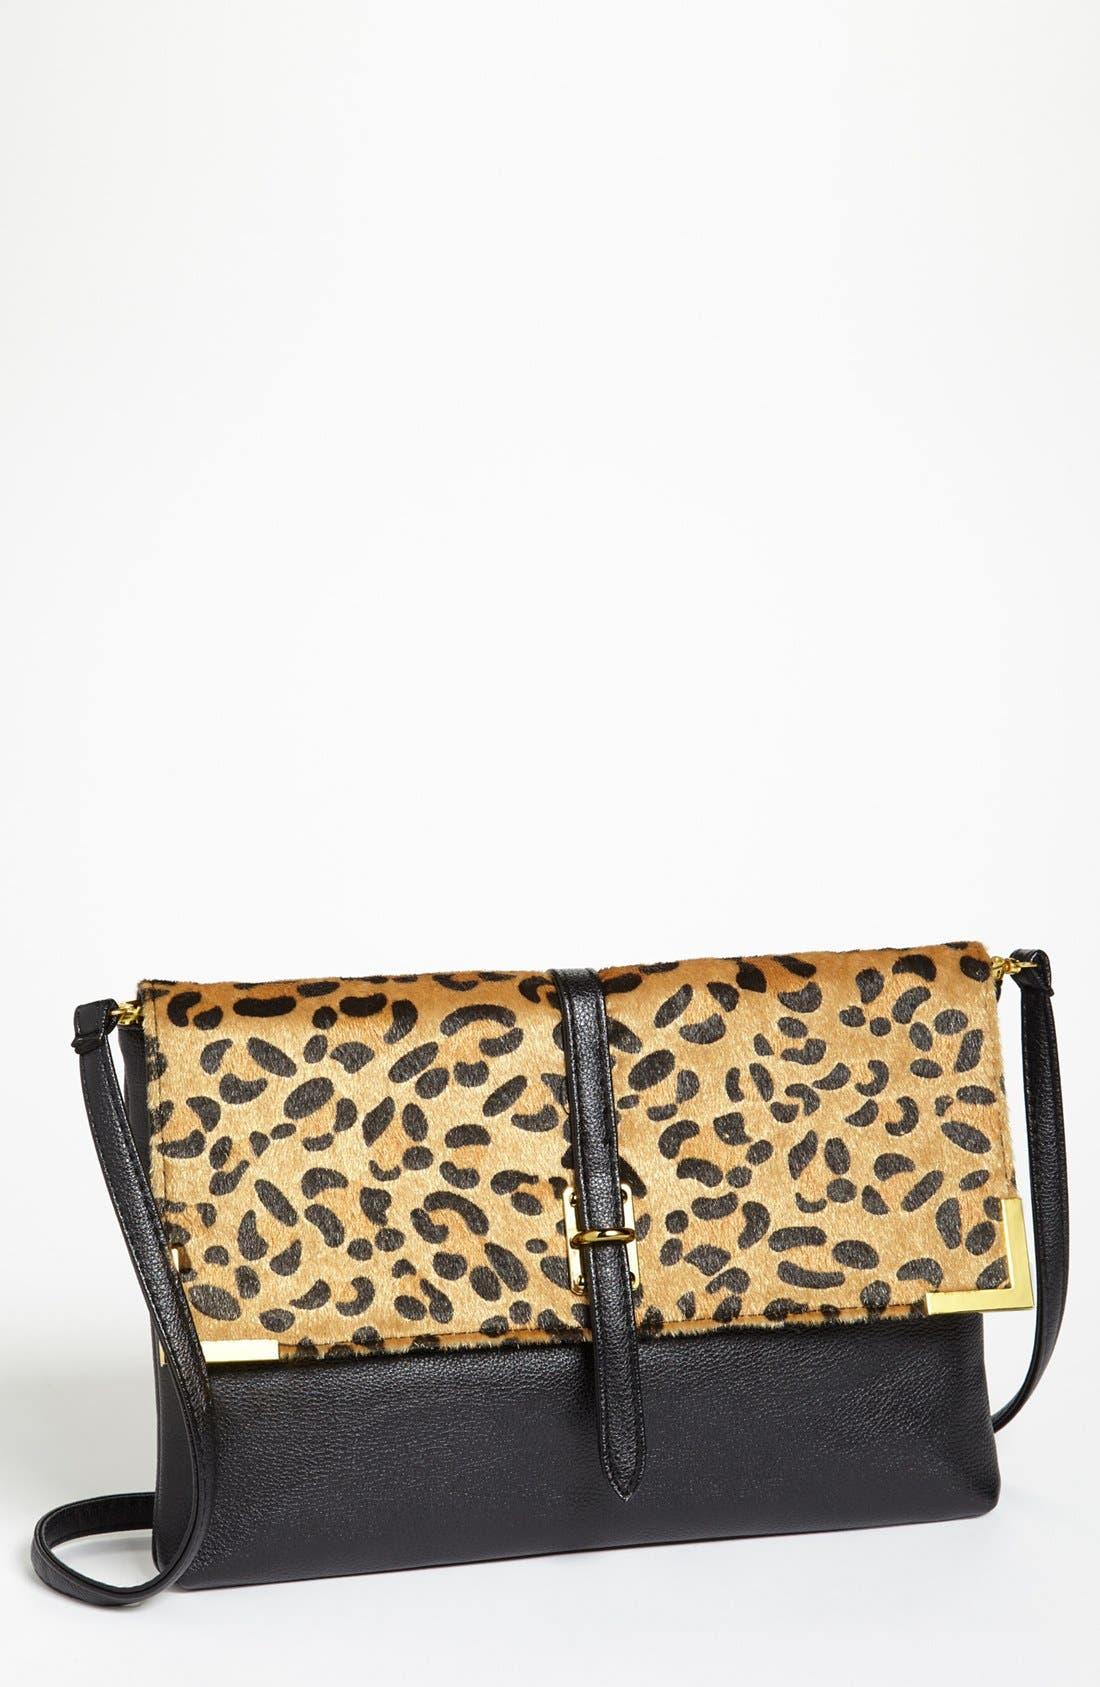 Alternate Image 1 Selected - Natasha Couture Leopard Print Shoulder Bag